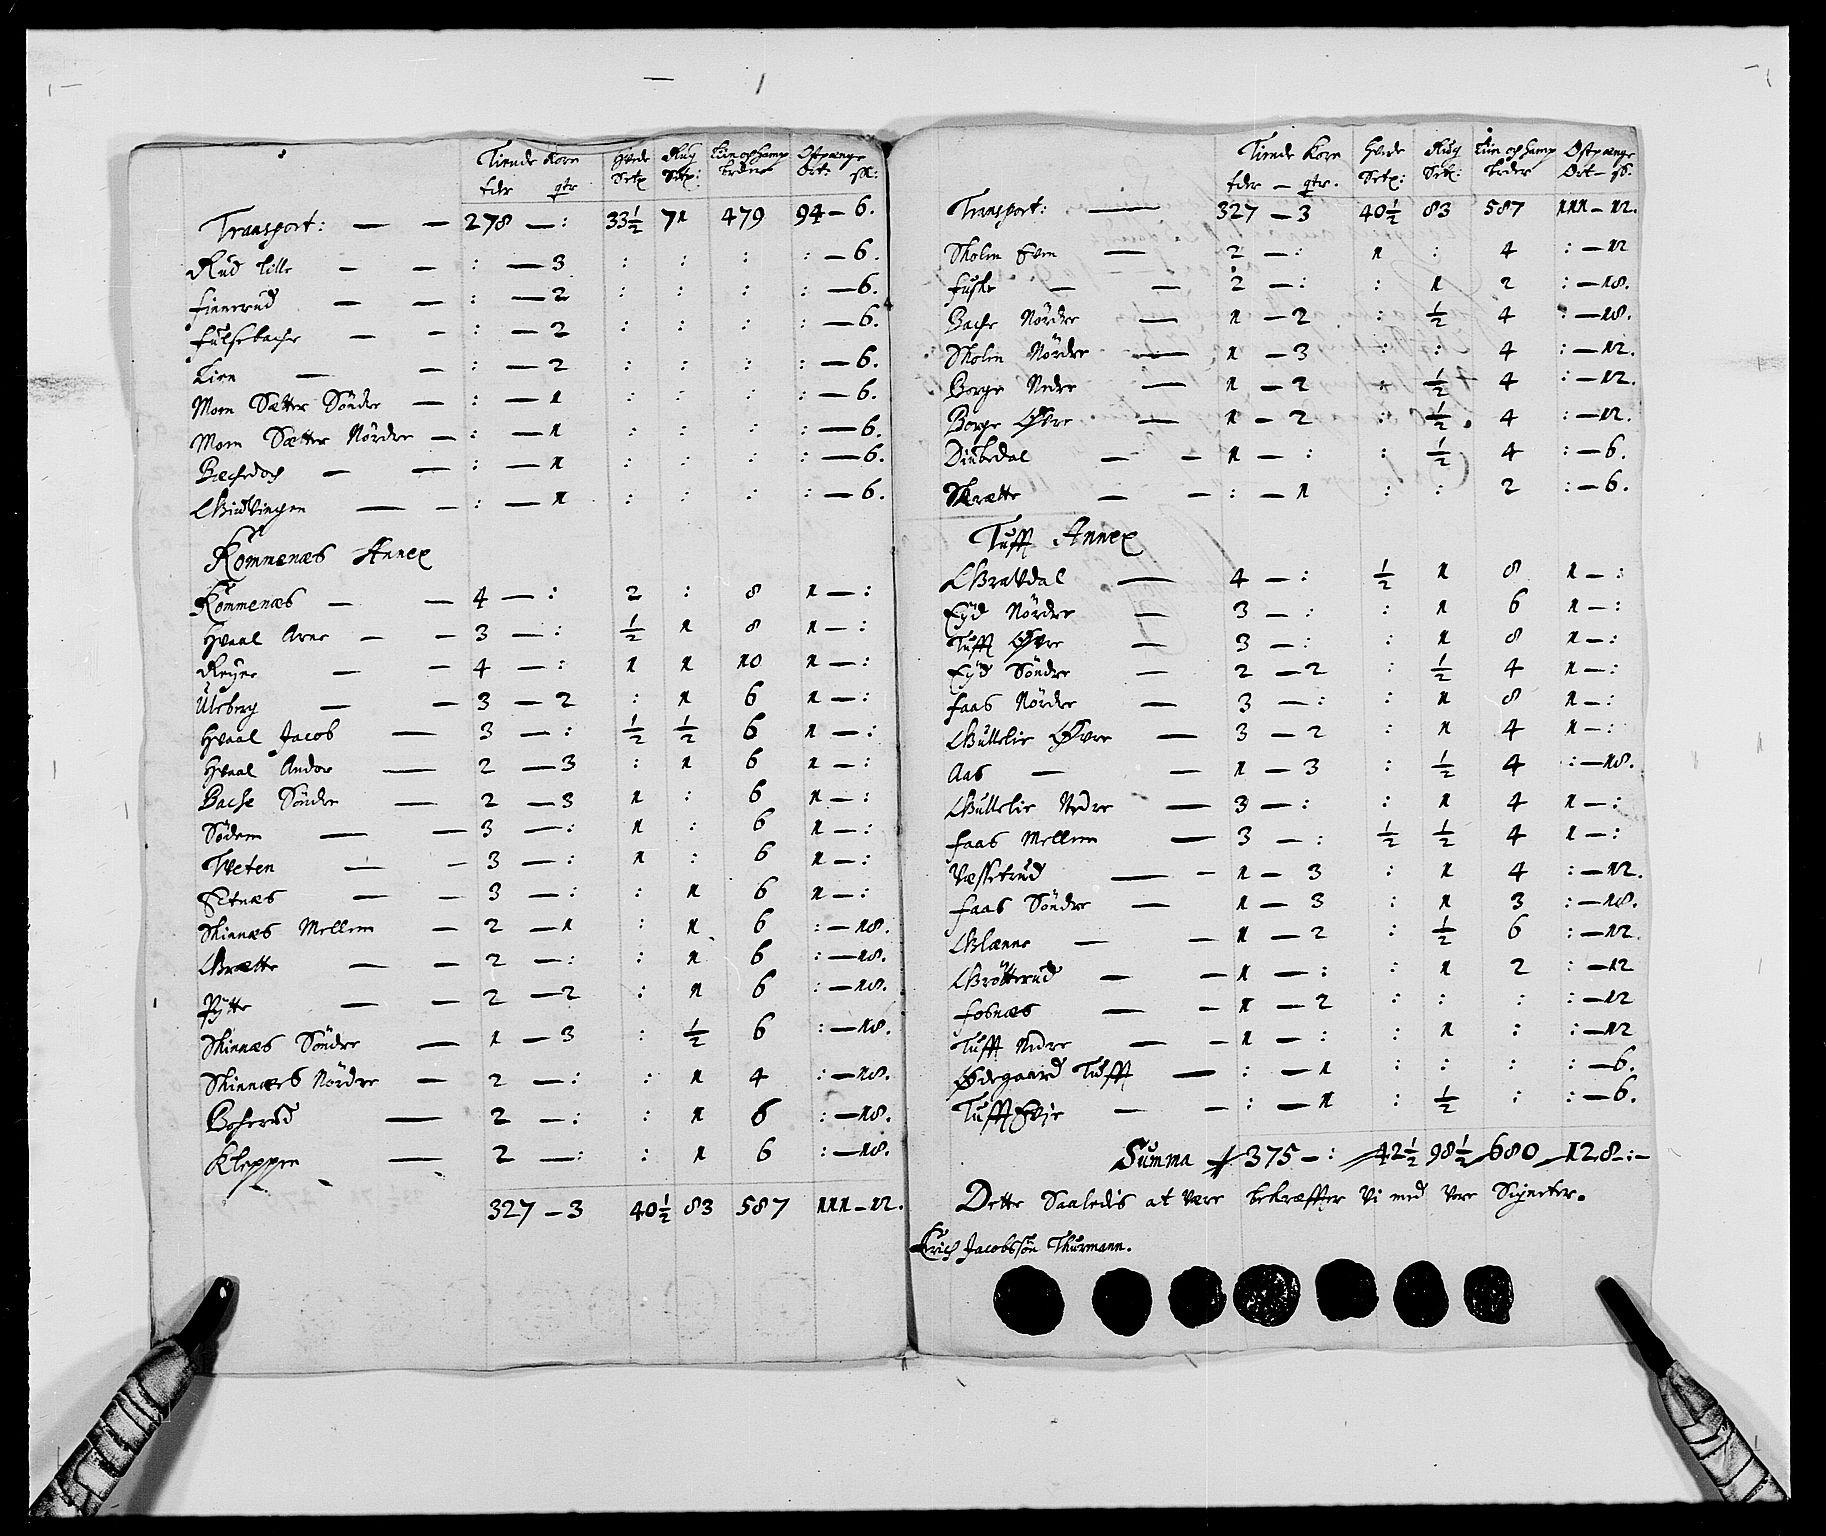 RA, Rentekammeret inntil 1814, Reviderte regnskaper, Fogderegnskap, R24/L1573: Fogderegnskap Numedal og Sandsvær, 1687-1691, s. 473